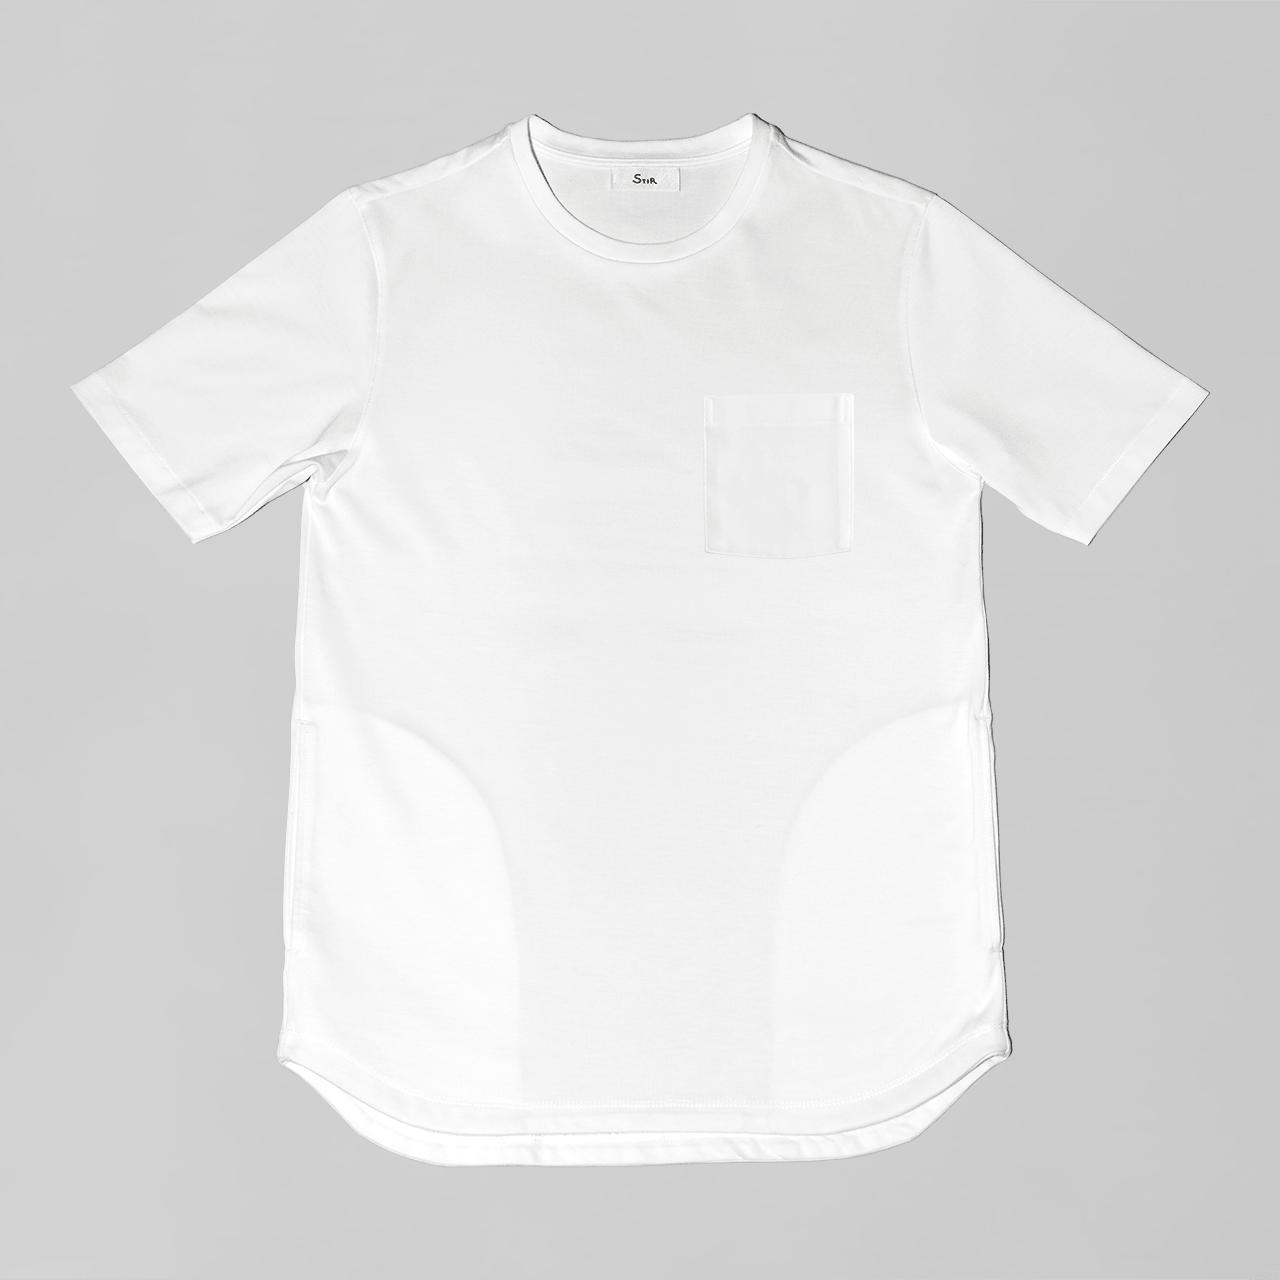 オーセンティックポケットT / Authentic Pocket T #WHITE ※6月末全サイズ再入荷予定